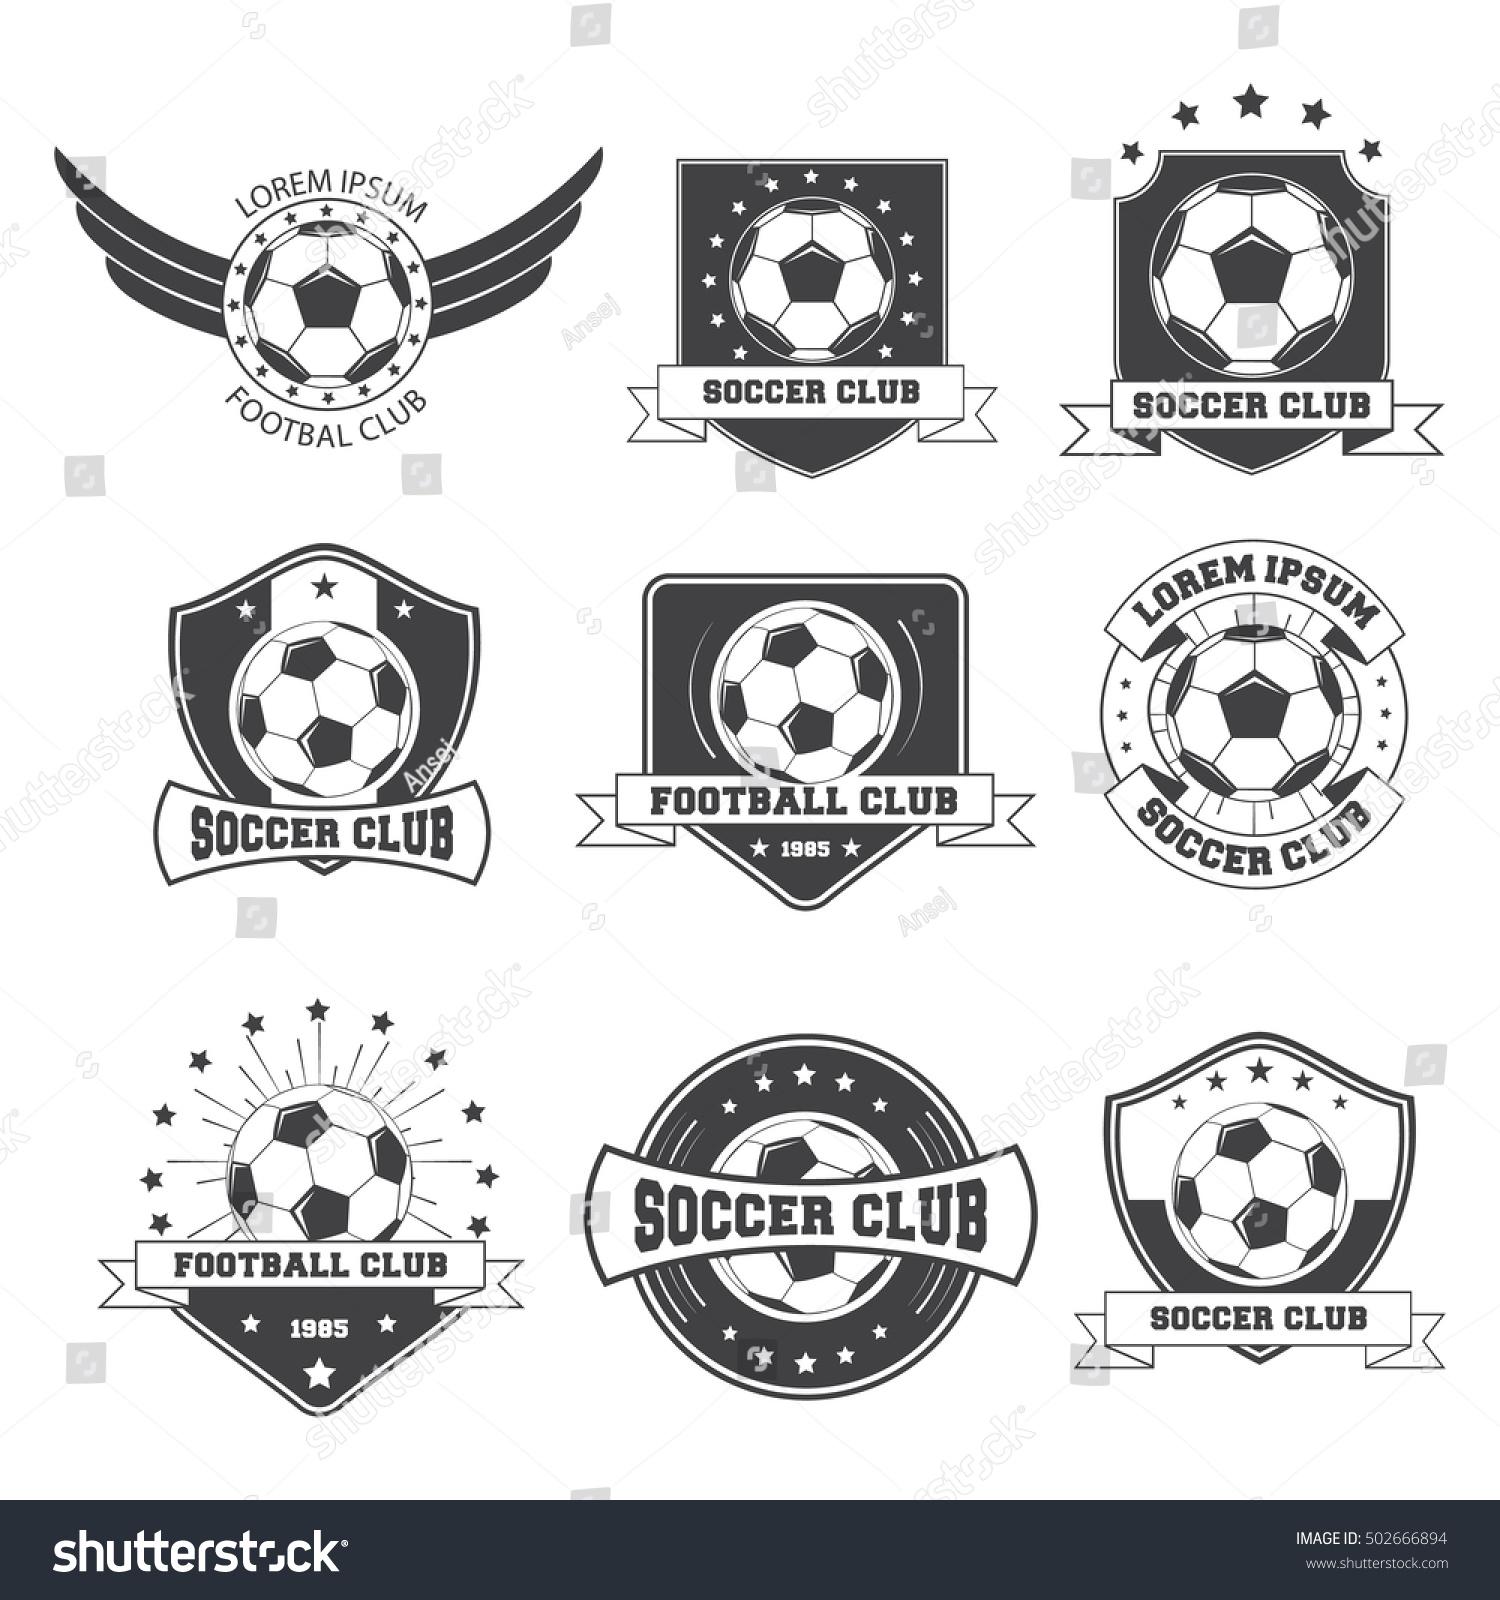 Set Of Football Vintage Soccer Crests Logos. Vector Illustration